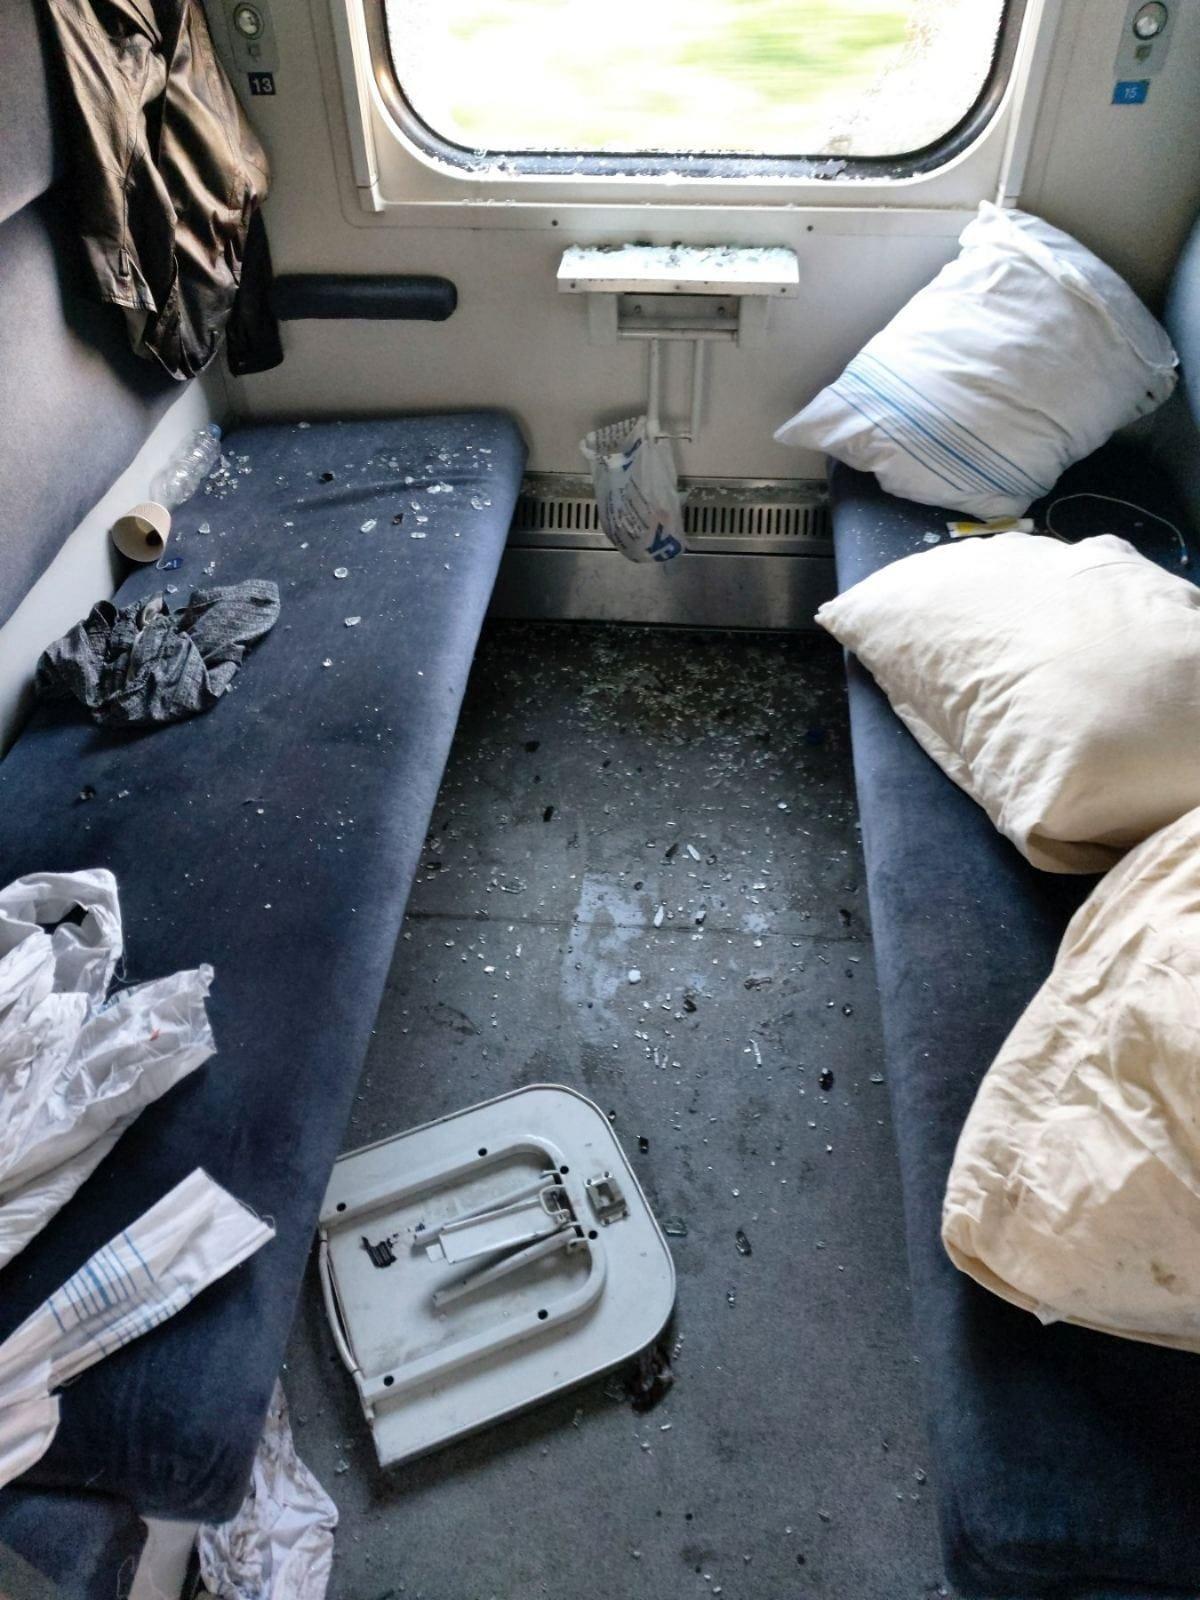 Халк їздив на мінеральні води: неадекватний пасажир розтрощив купе у потязі (ФОТО), фото-1